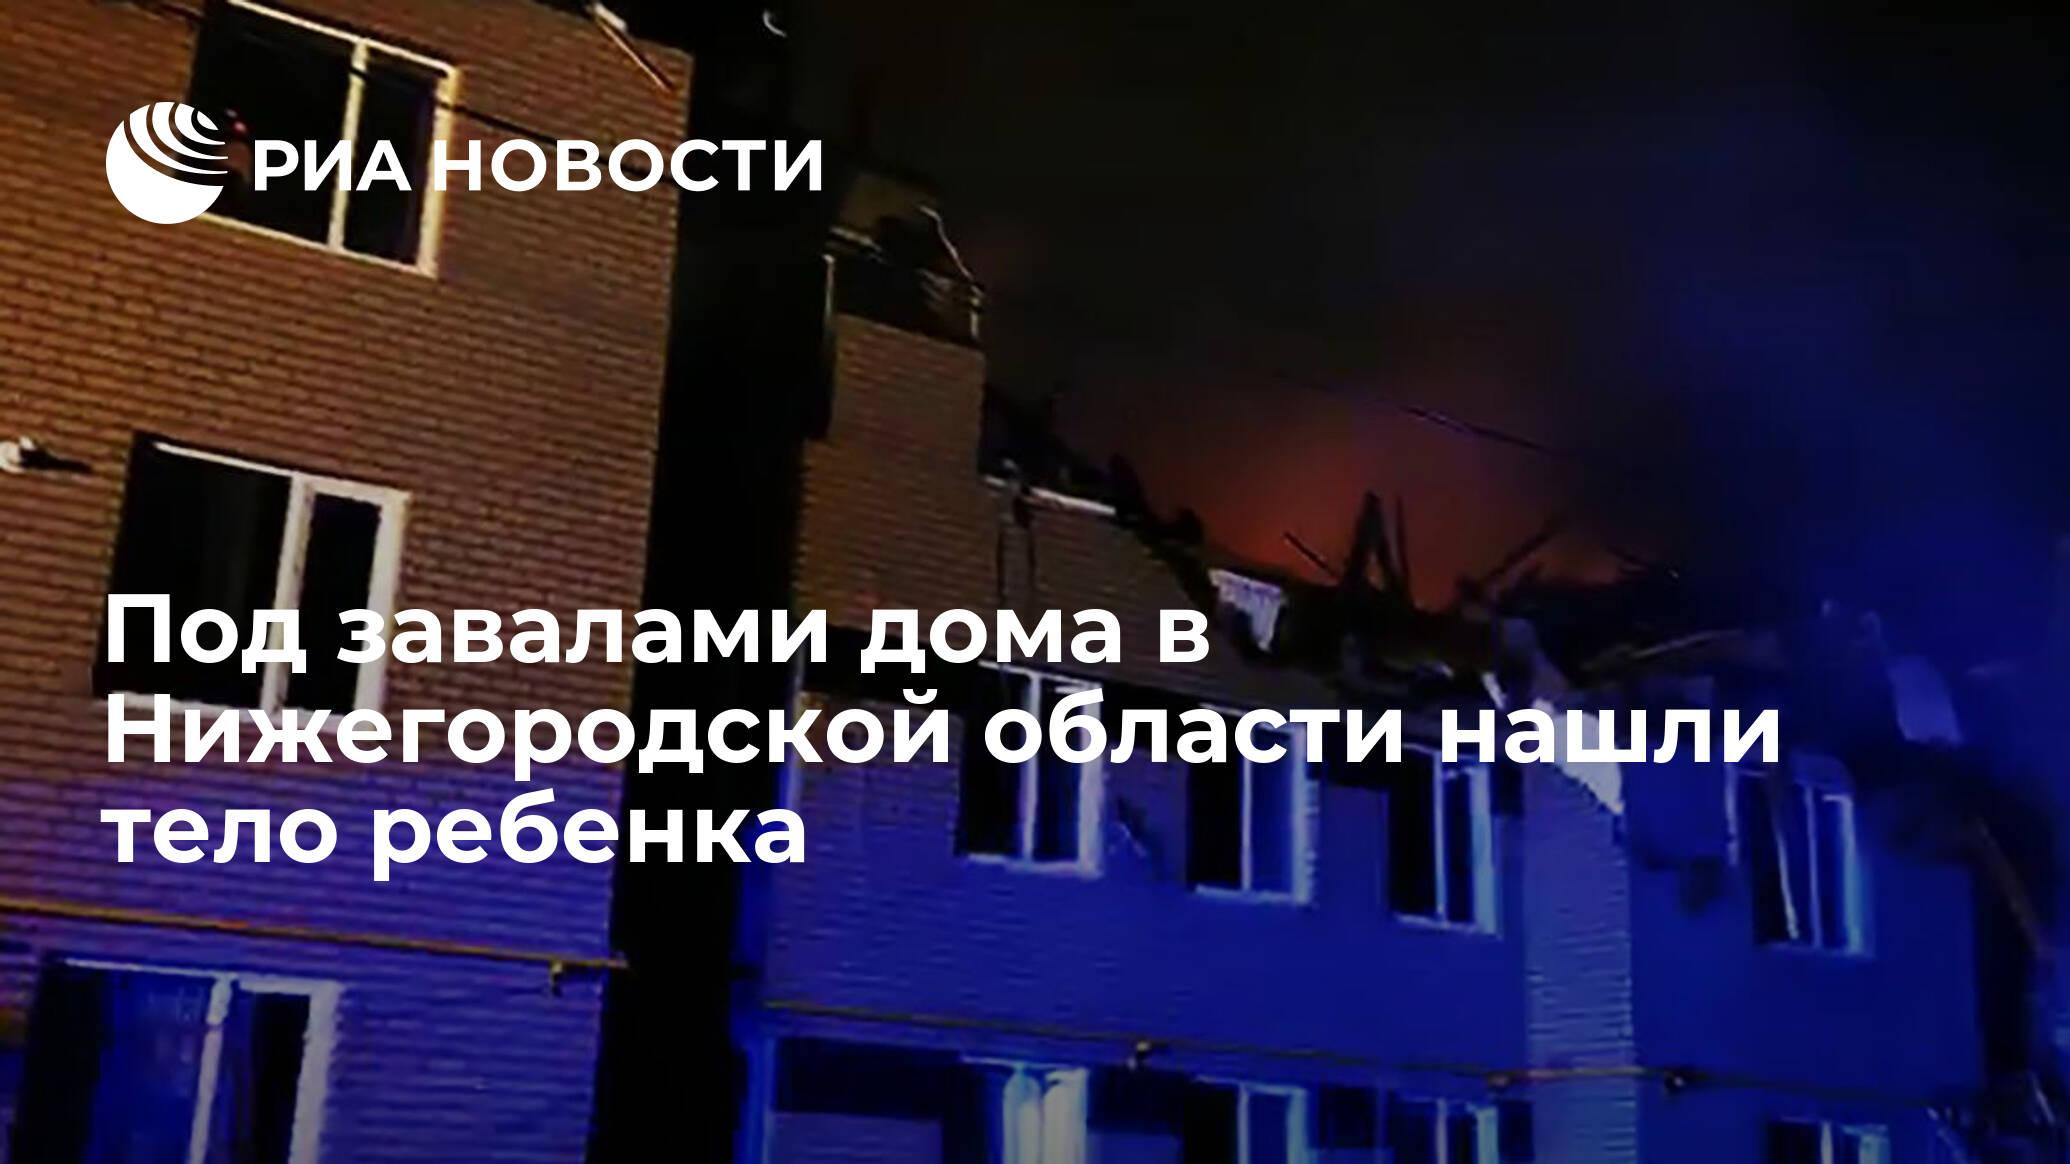 Под завалами дома в Нижегородской области нашли тело ребенка